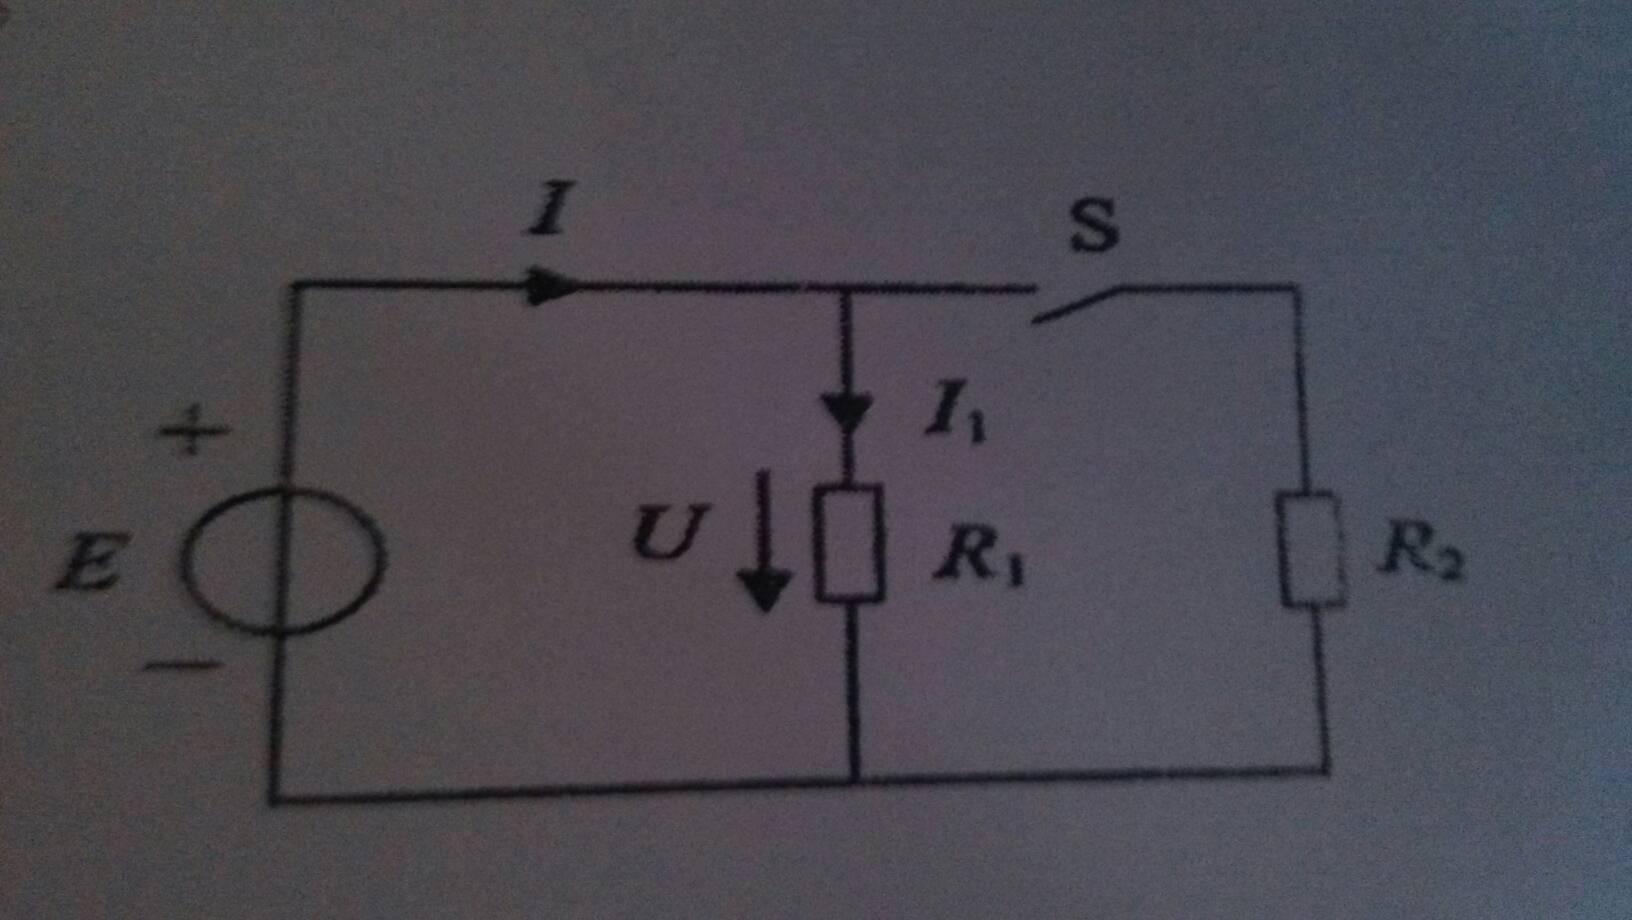 开关s从断开状态闭合后,电路中物理量的变化情况?